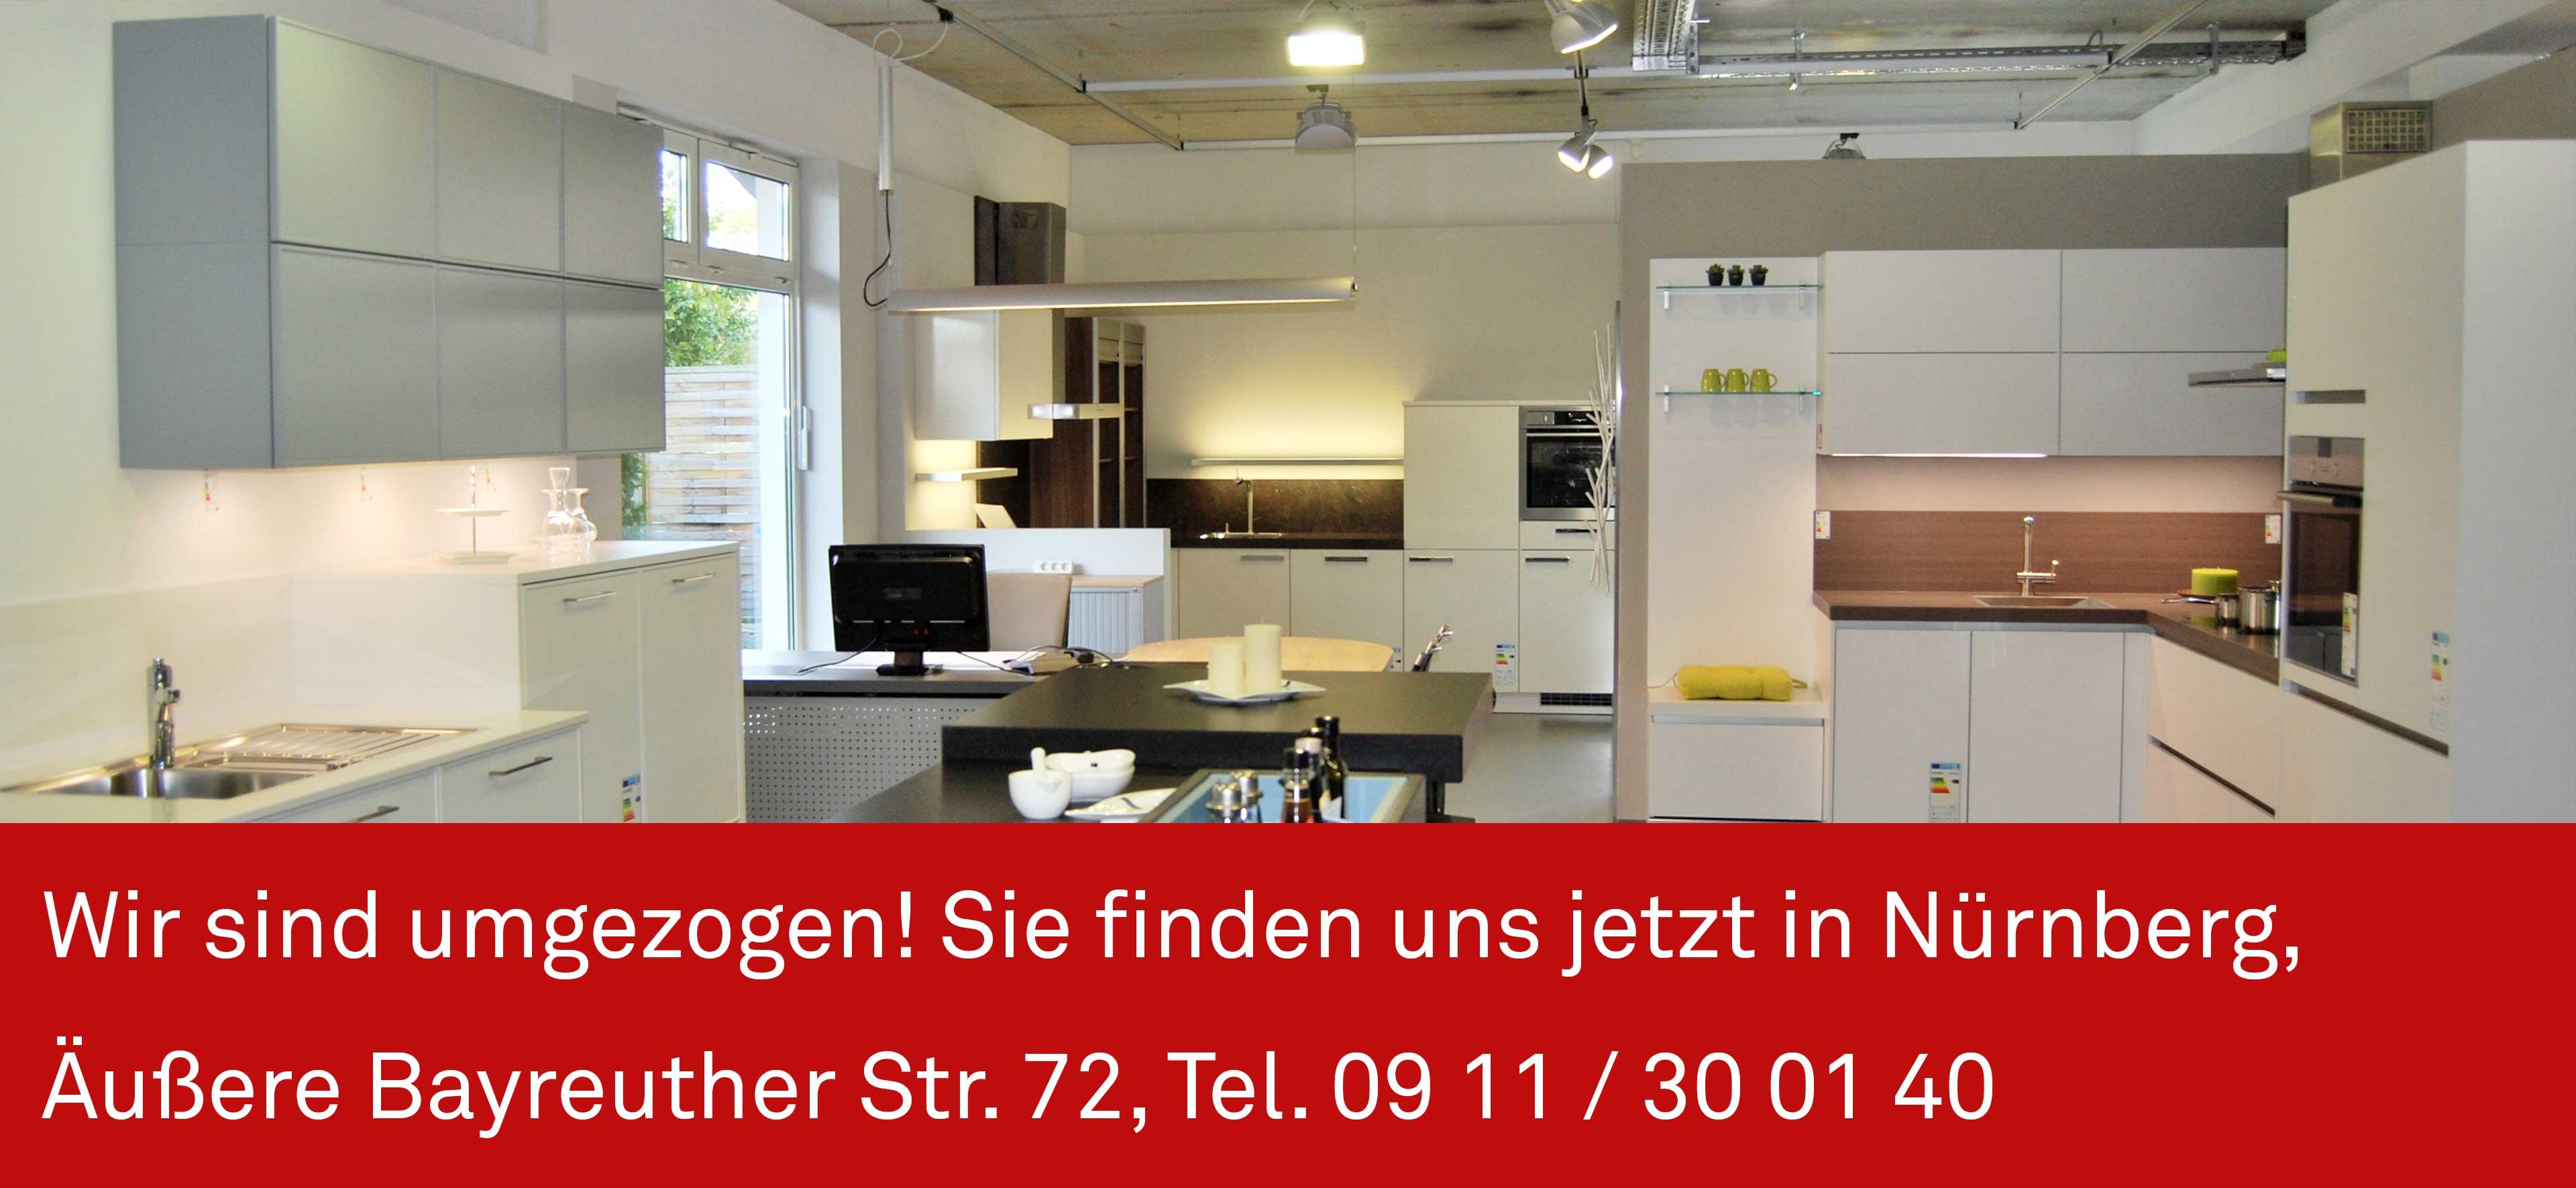 Kuchenstudio Hirschaid Marquardt Kuchen